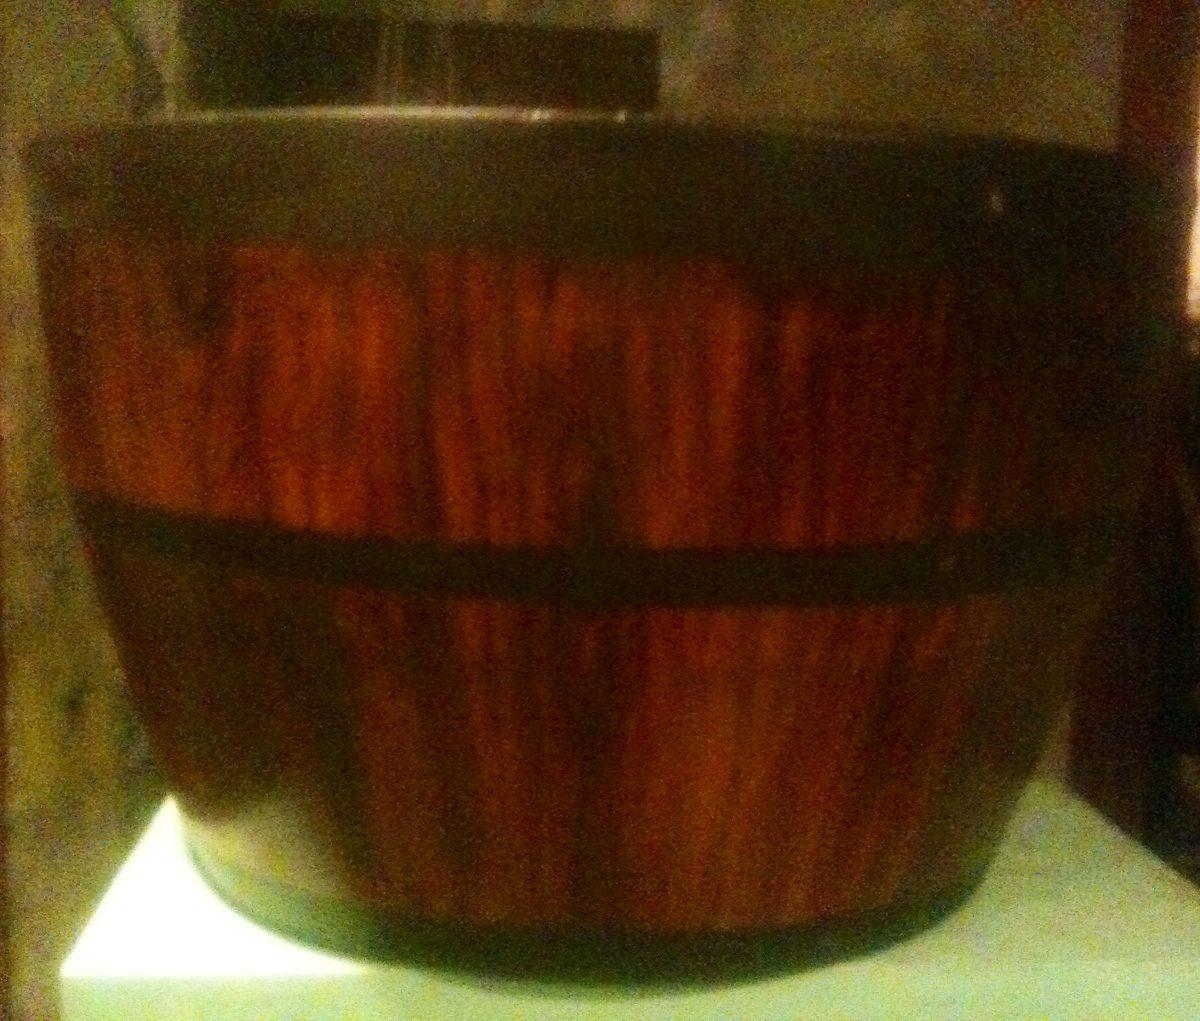 Maceta fibra de vidrio jardinera imitacion madera 622 - Jardineras de fibra de vidrio ...